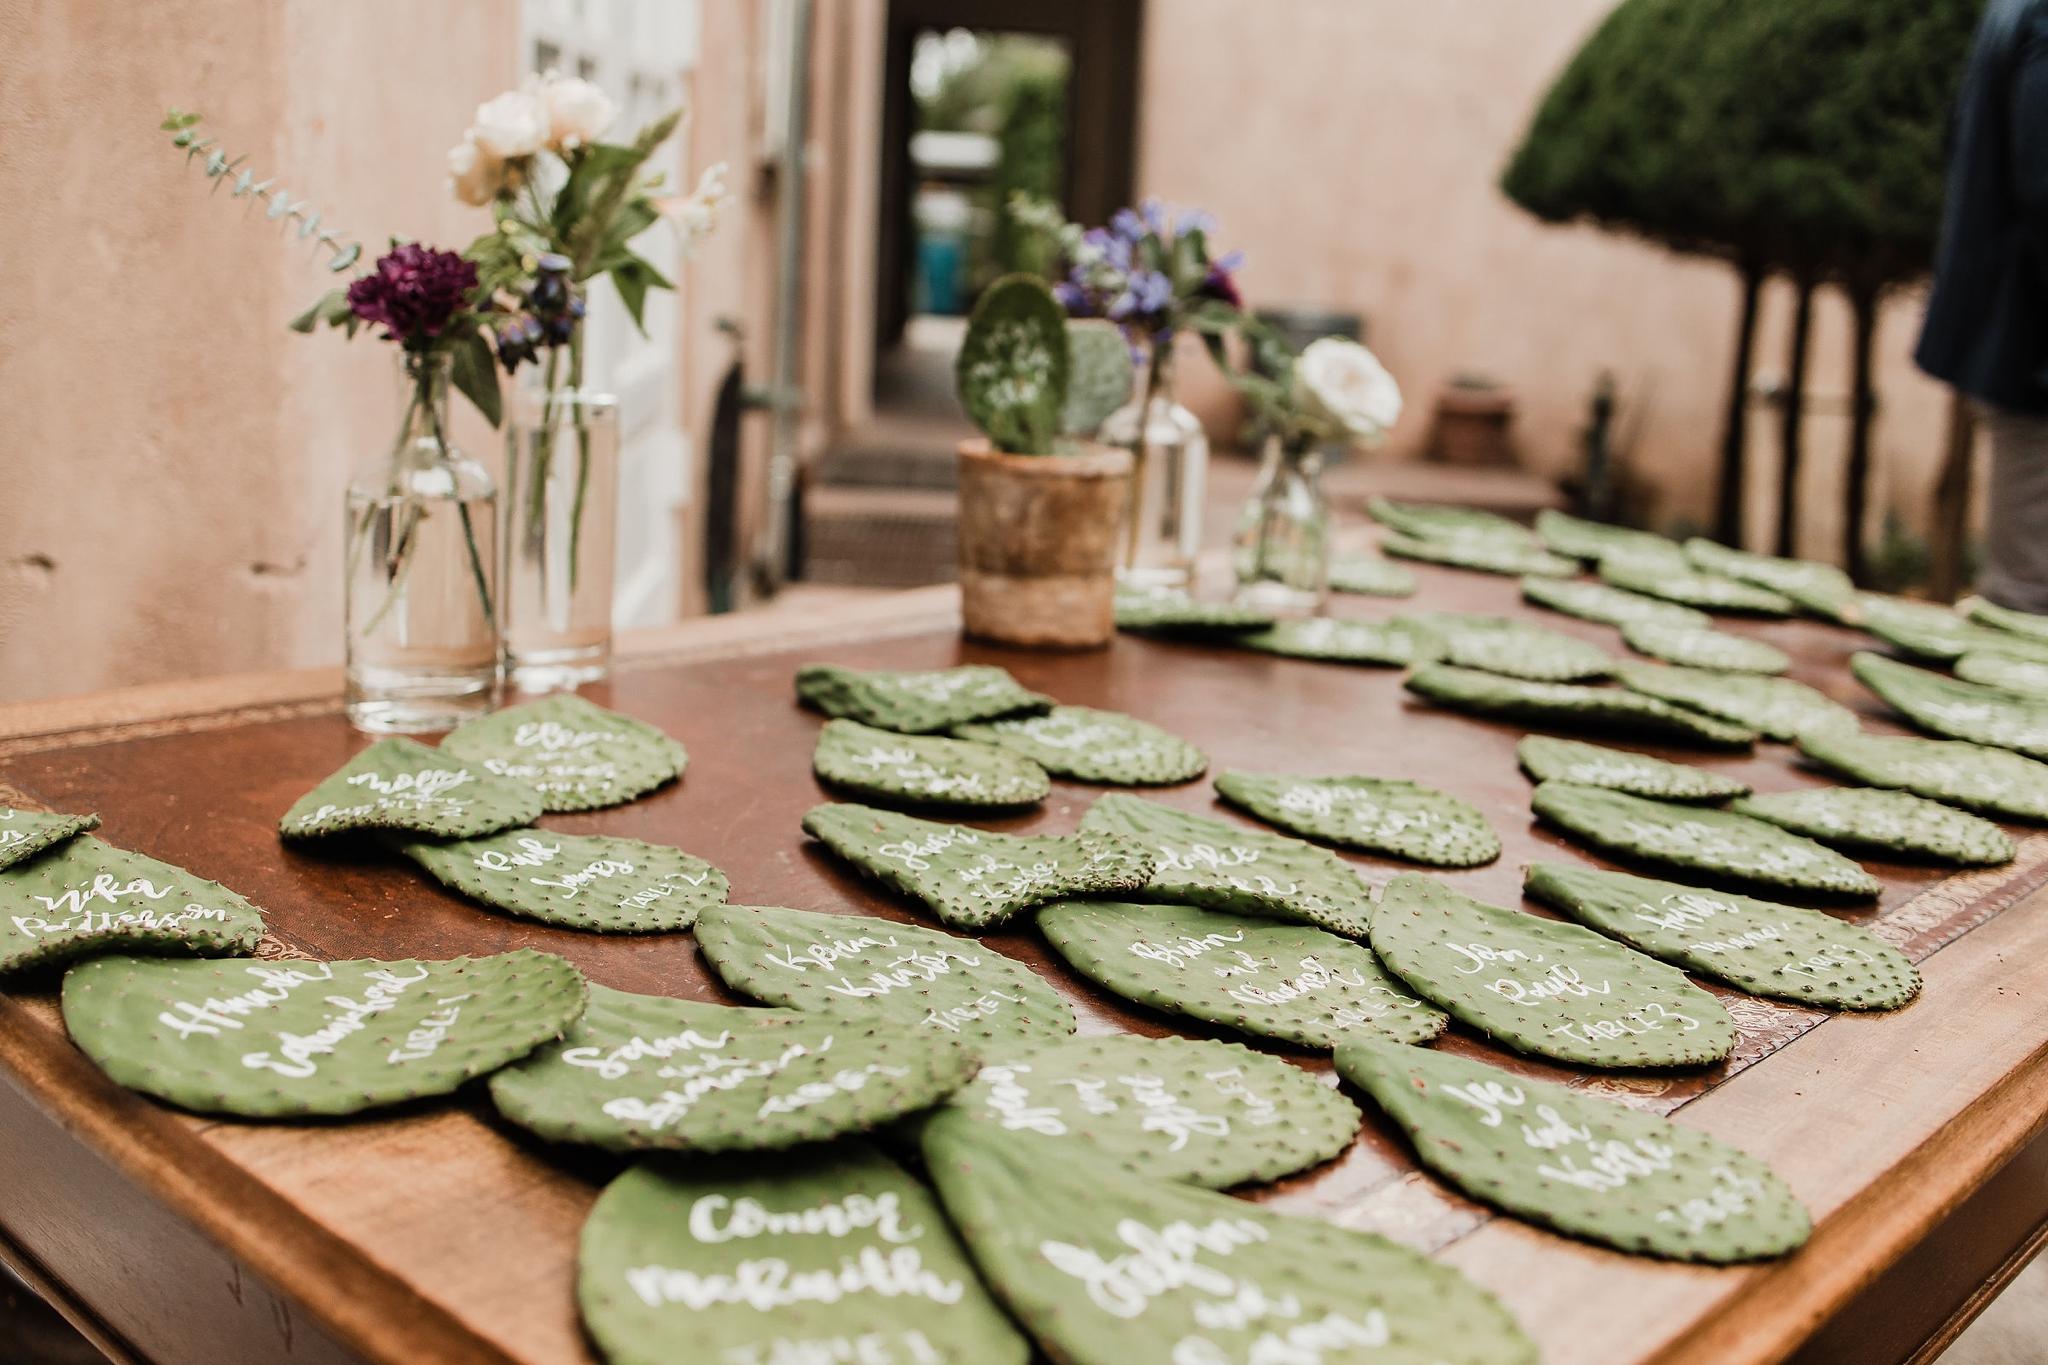 Alicia+lucia+photography+-+albuquerque+wedding+photographer+-+santa+fe+wedding+photography+-+new+mexico+wedding+photographer+-+new+mexico+wedding+-+new+mexico+wedding+-+wedding+florals+-+desert+wedding+-+wedding+trends_0011.jpg